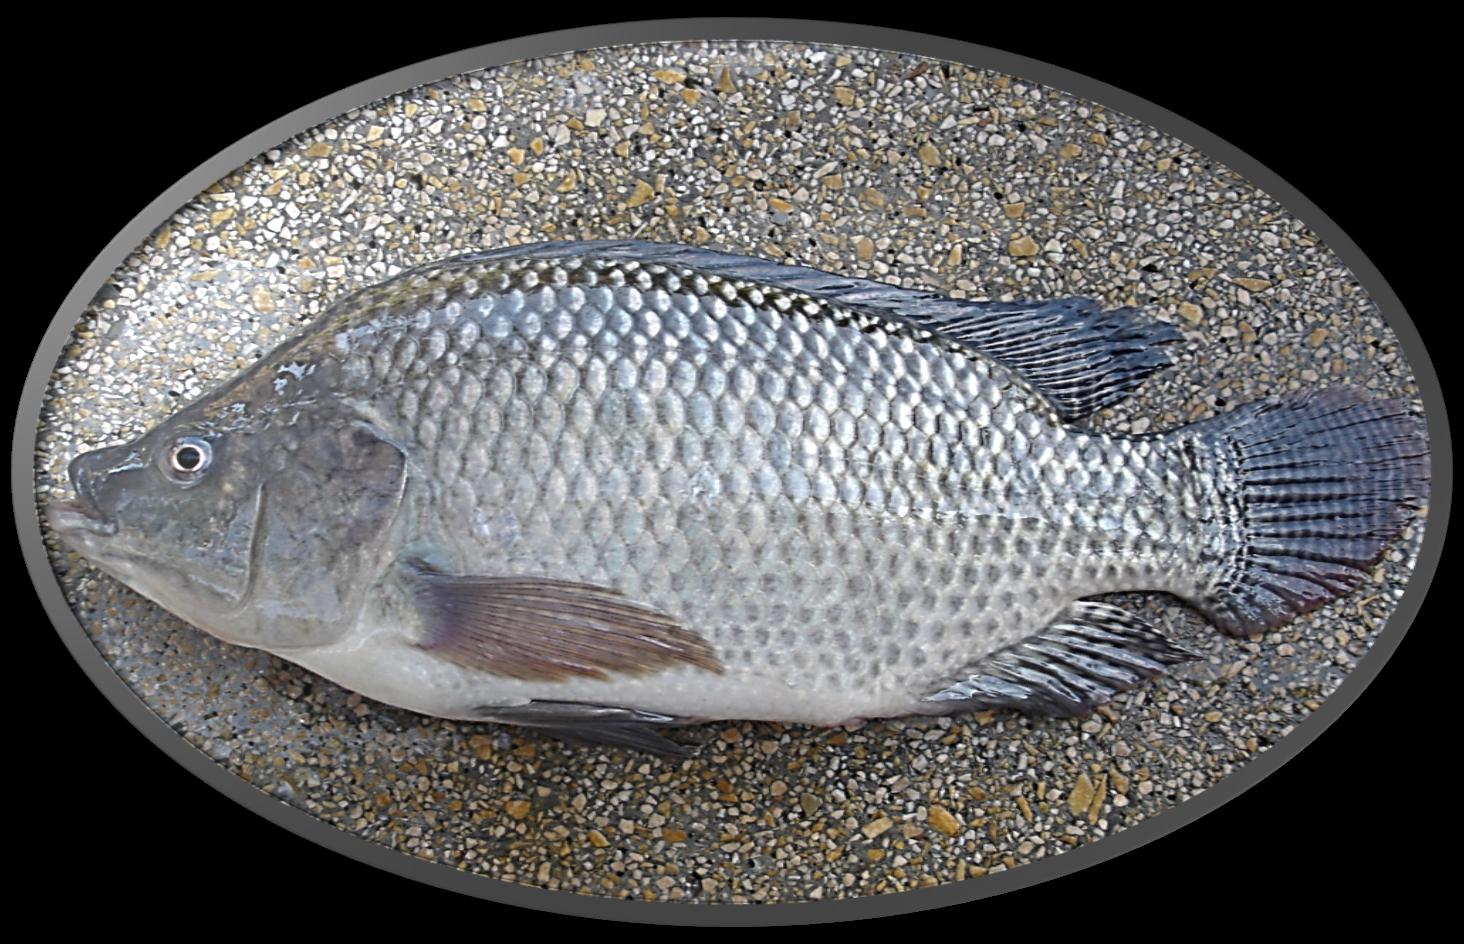 Cria peixe tilapicultura fotos pisciculturas for Cria de tilapia